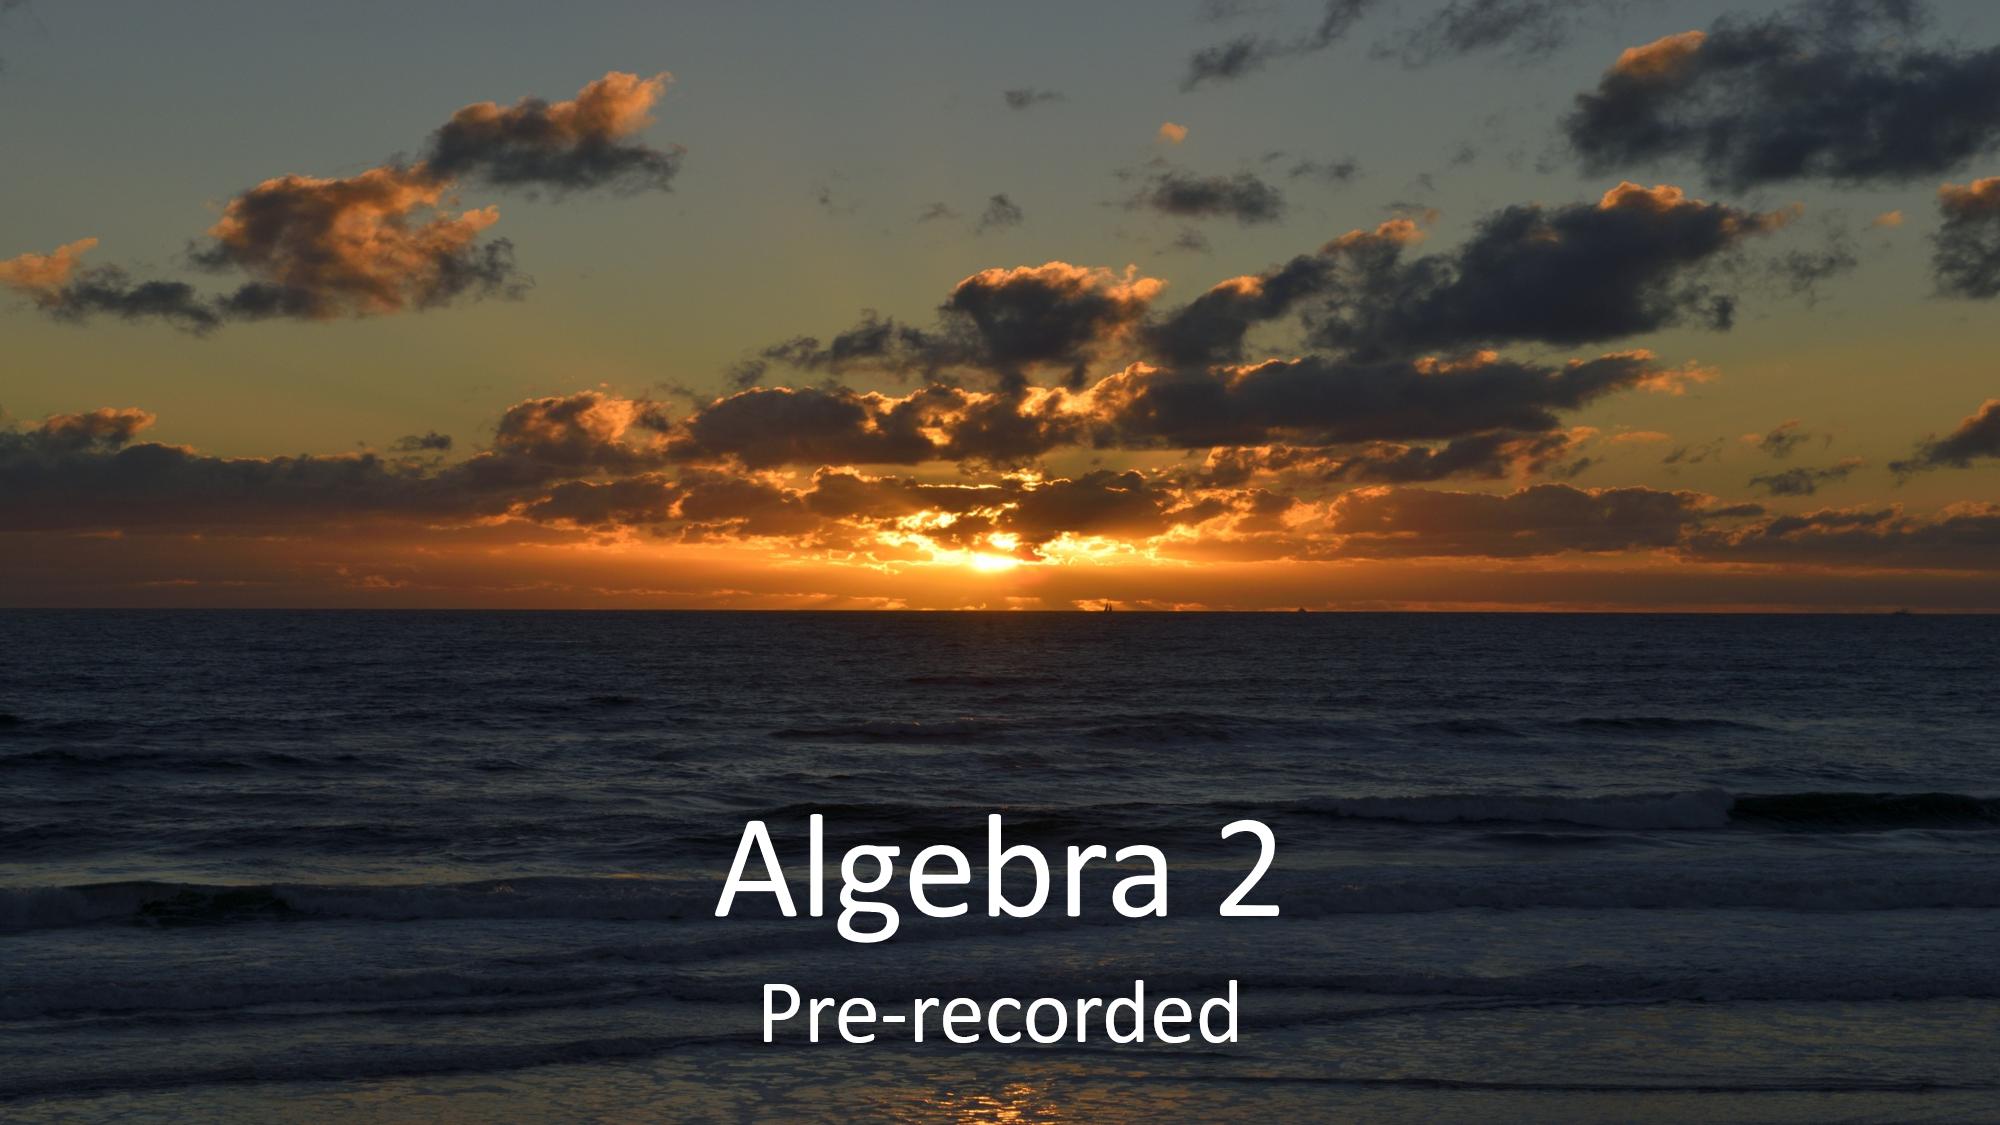 Algebra 2 (Pre-recorded)